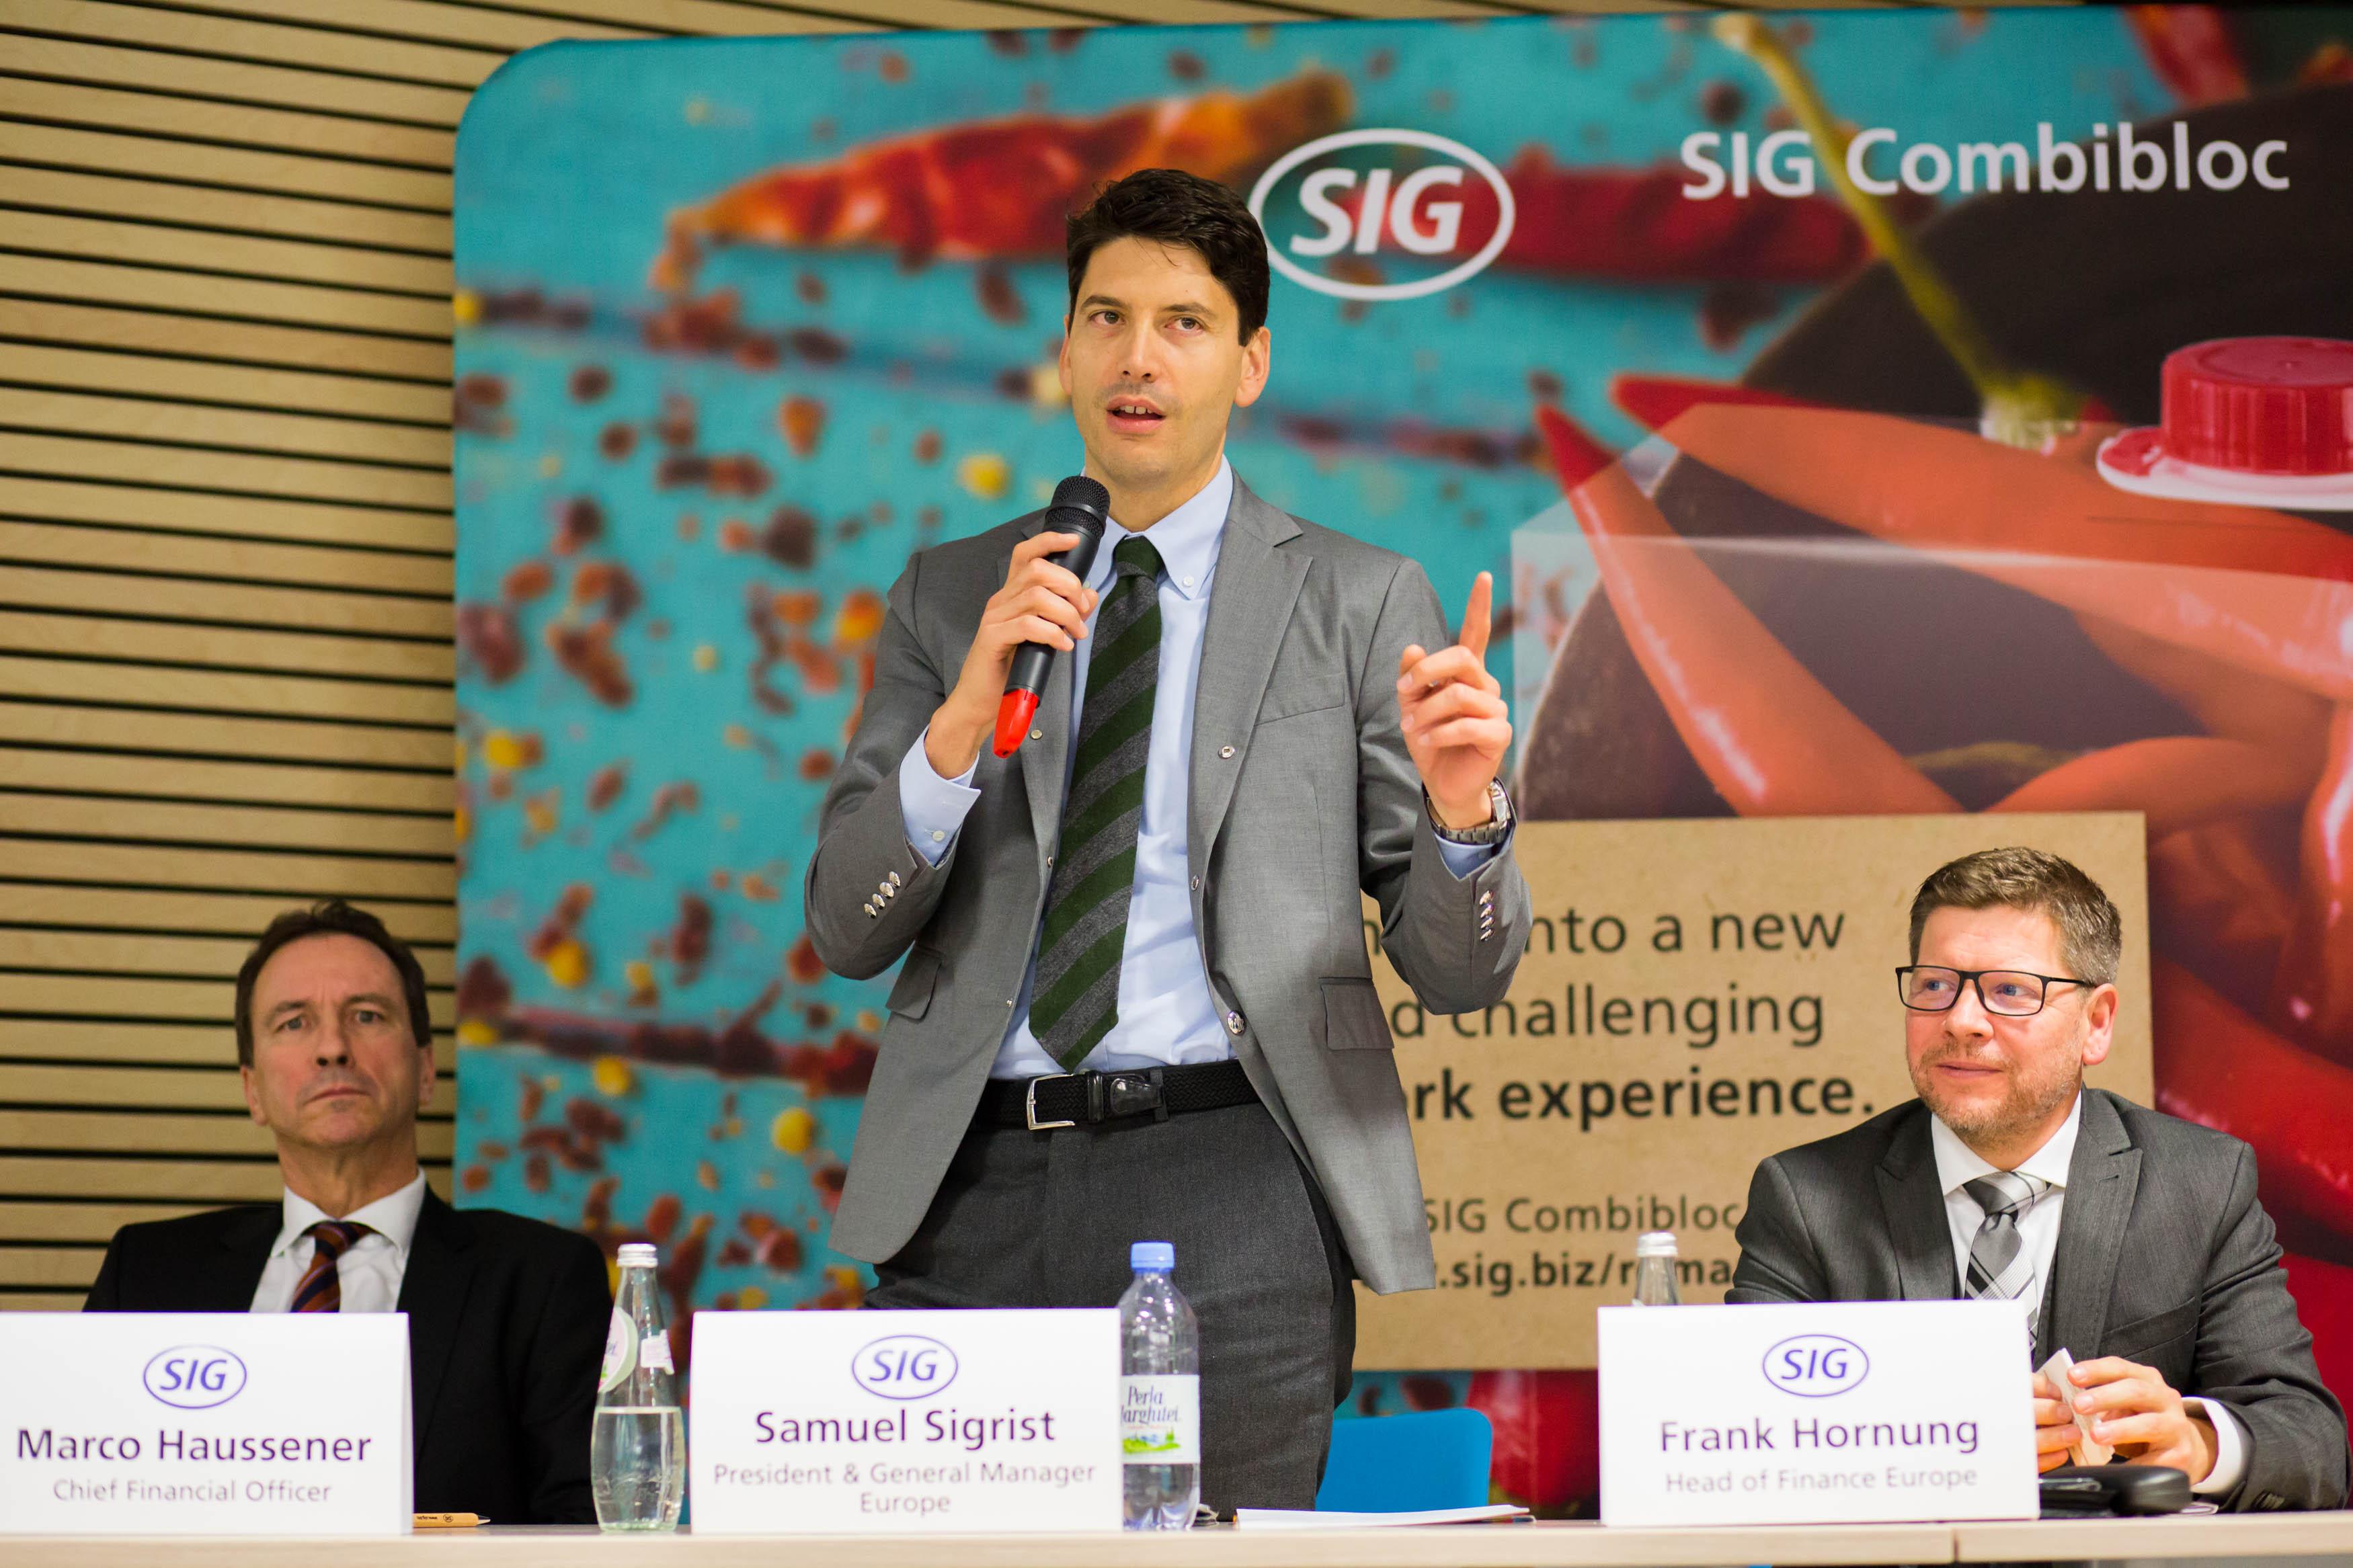 Samuel Sigrist, President & General Manager Europe